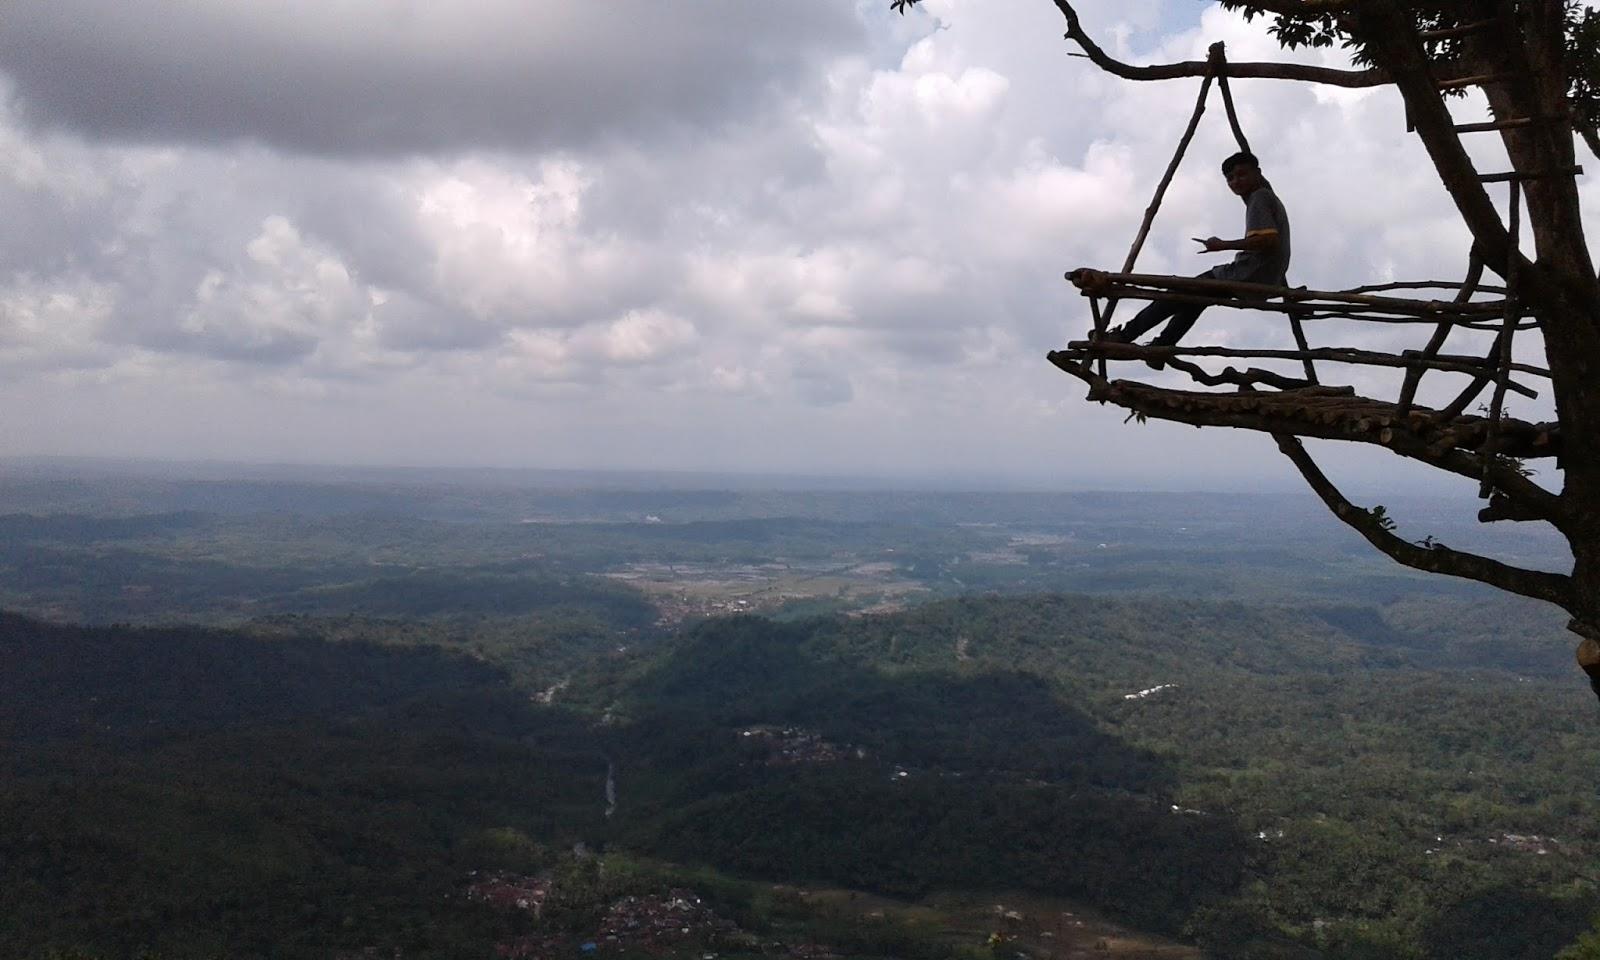 Panorama Menakjubkan Desa Wisata Penusupan Klikanggaran Rumah Pohon Igir Wringin